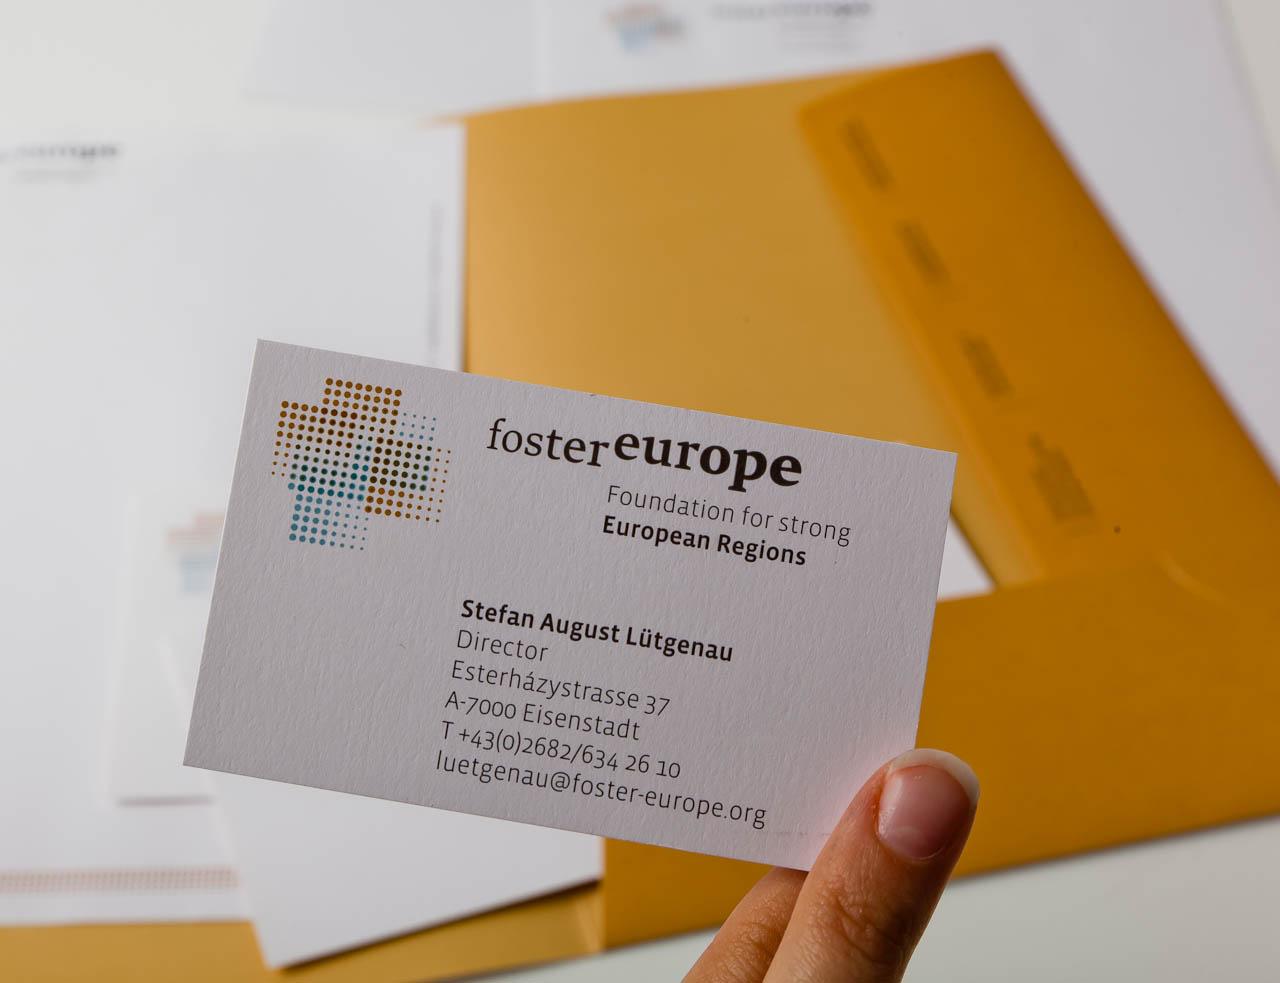 Foster Europe (Geschaeftsdrucksorten)